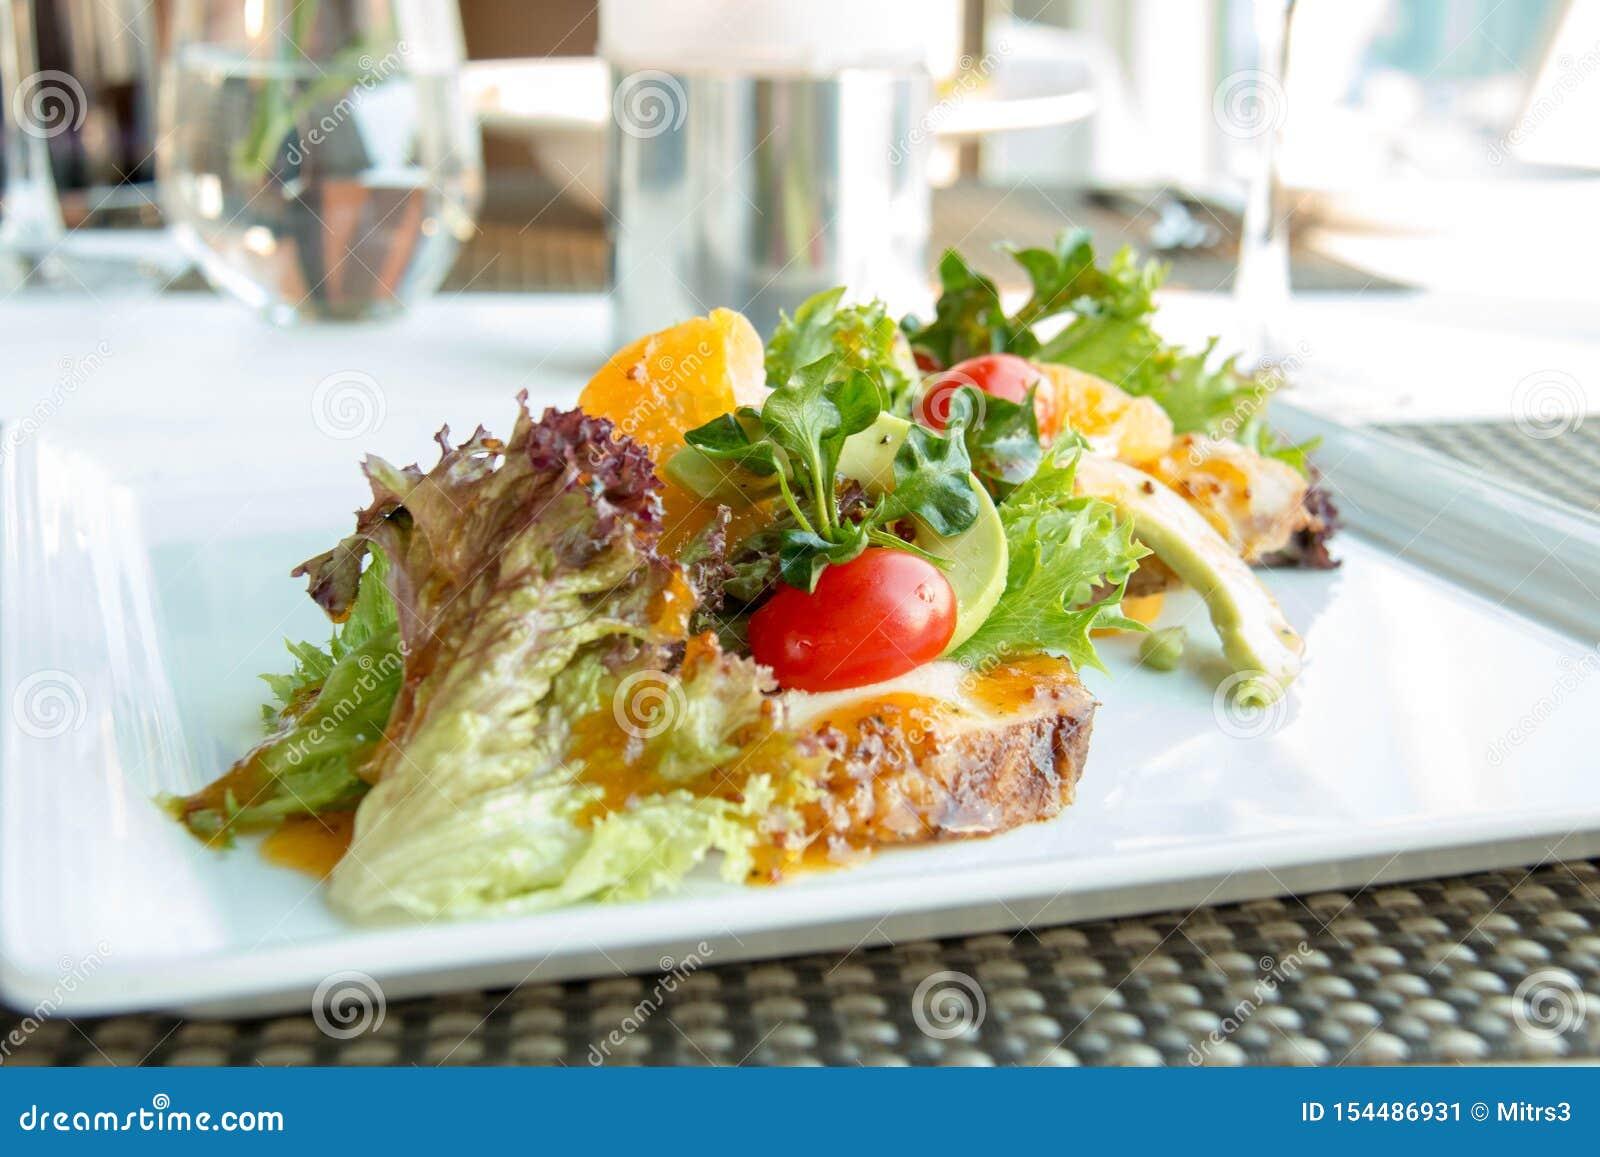 Insalata mista delle verdure in piatto bianco